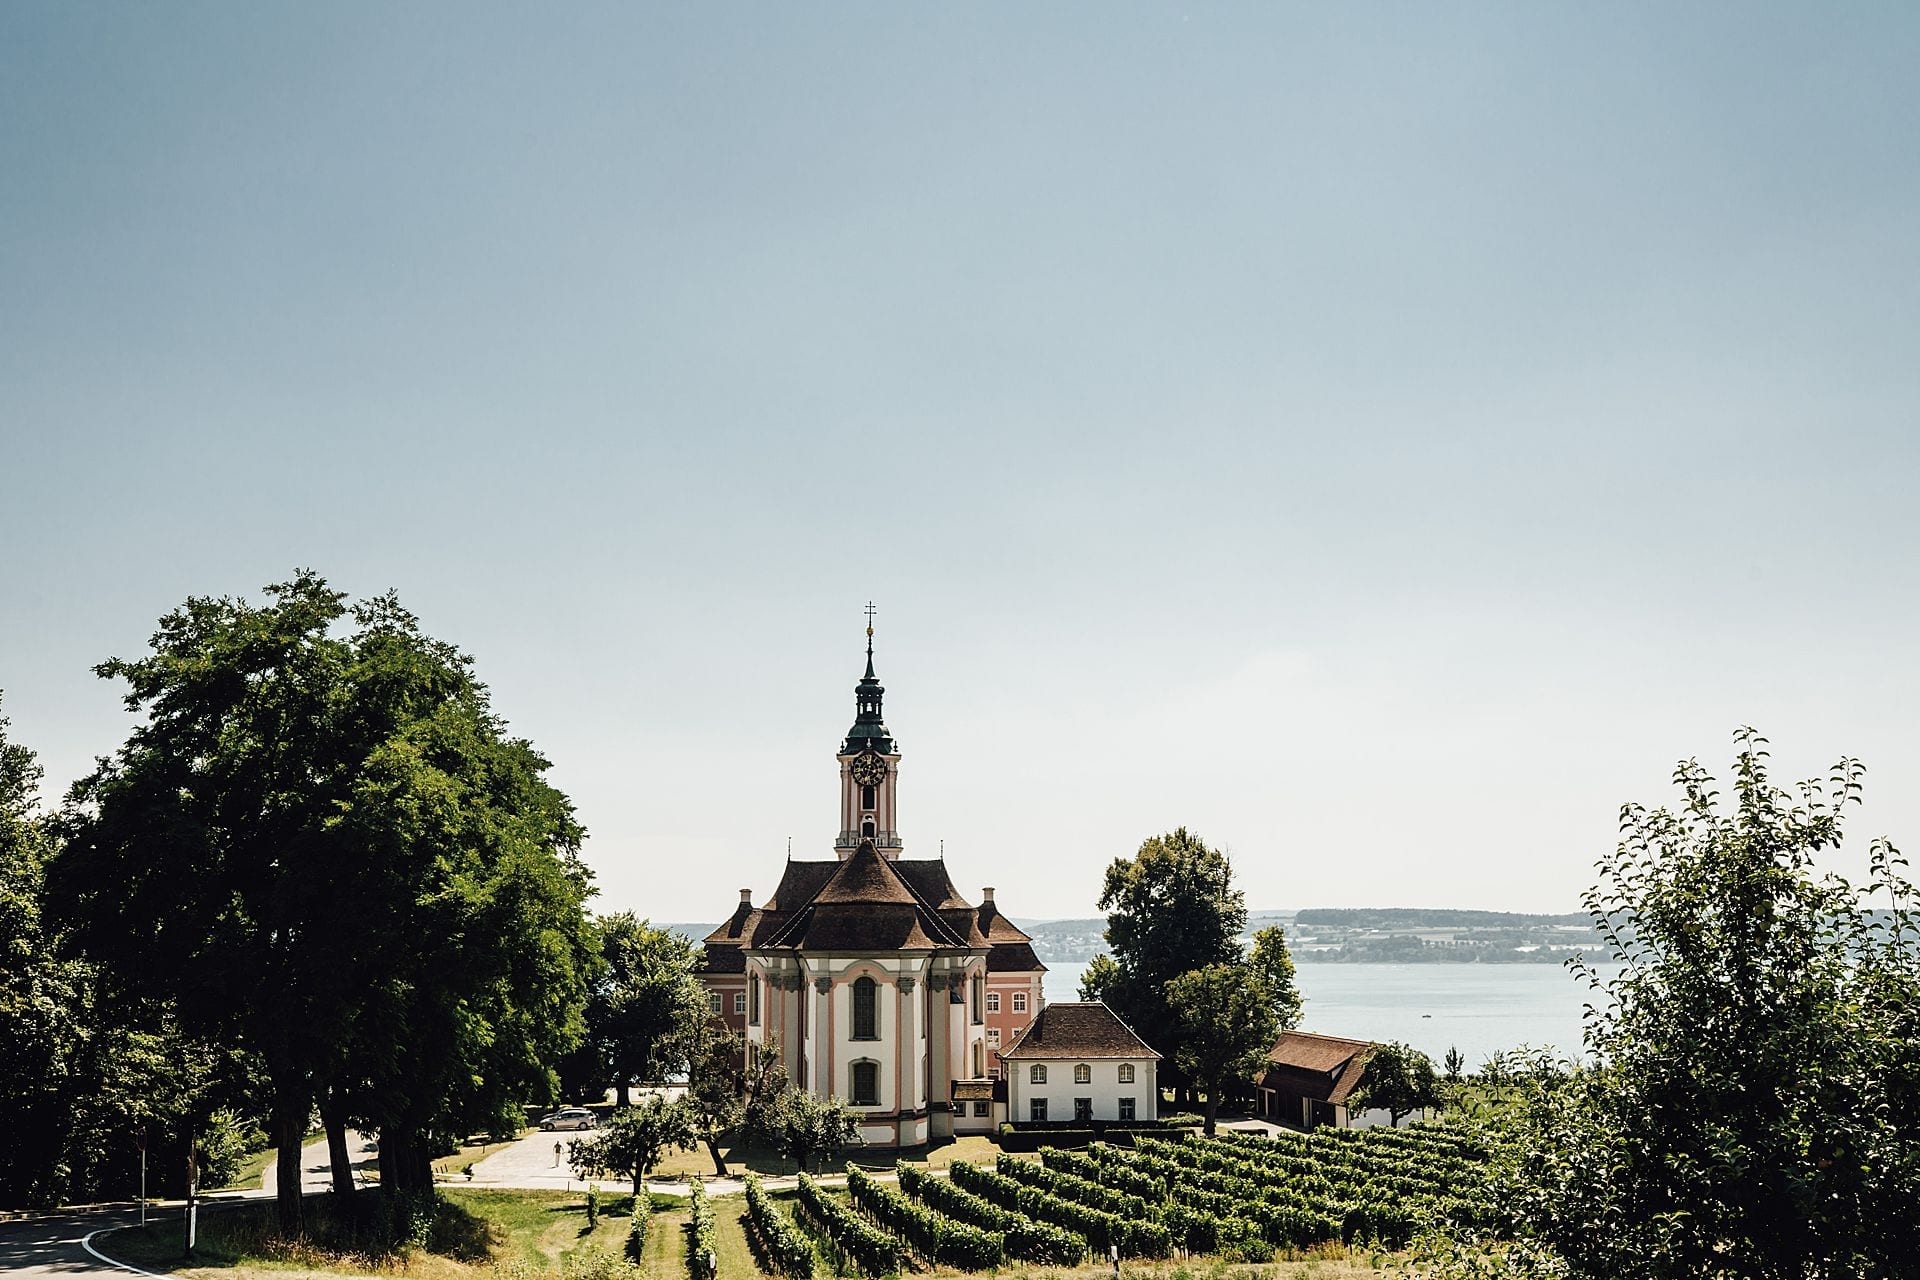 Ein idyllisches Bild einer Kirche vor dem Panorama des Bodensees.